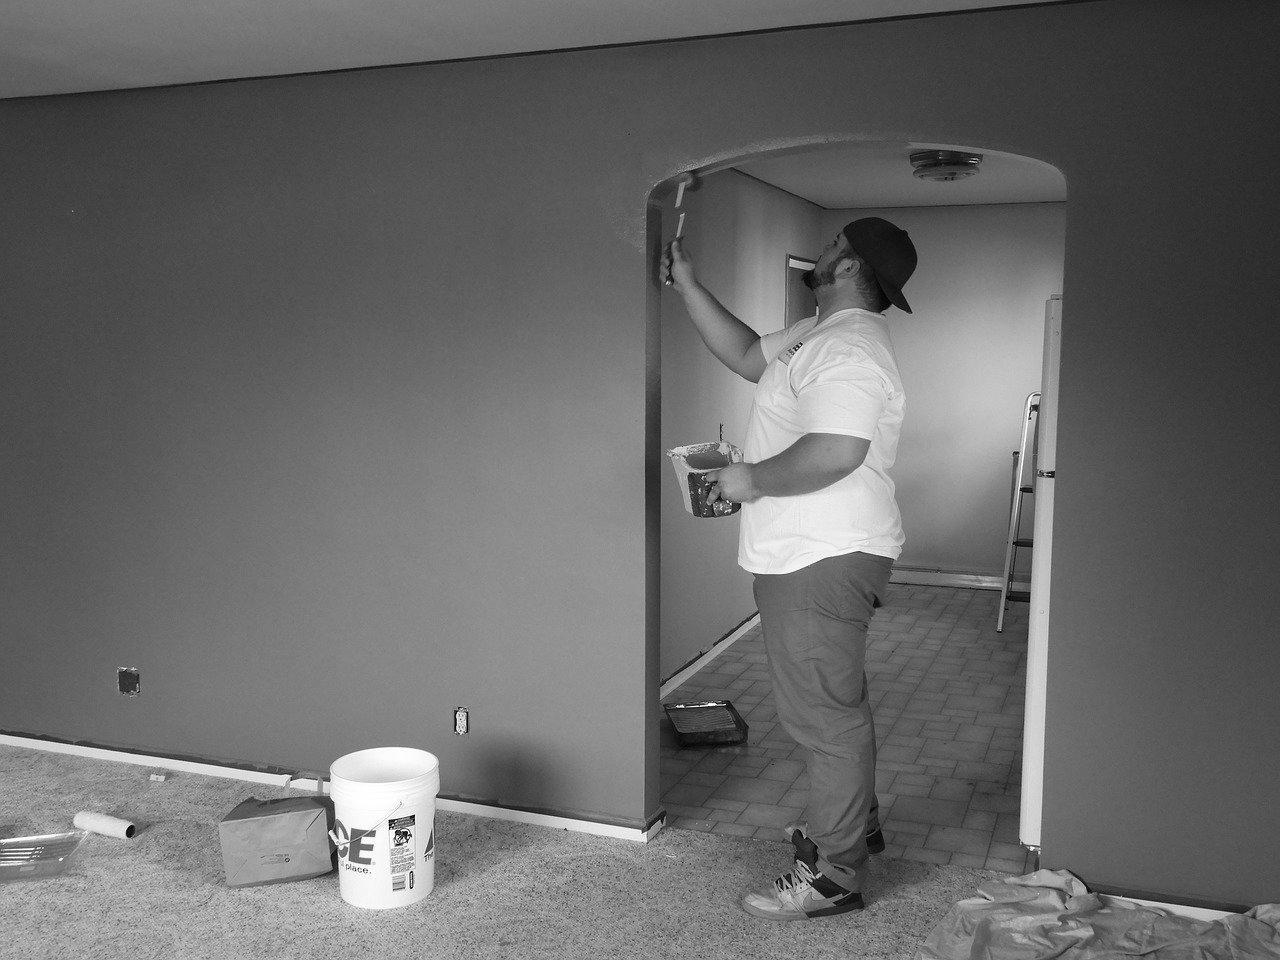 Rénover une maison à Deuil-la-Barre 95170 | Entreprises de rénovation